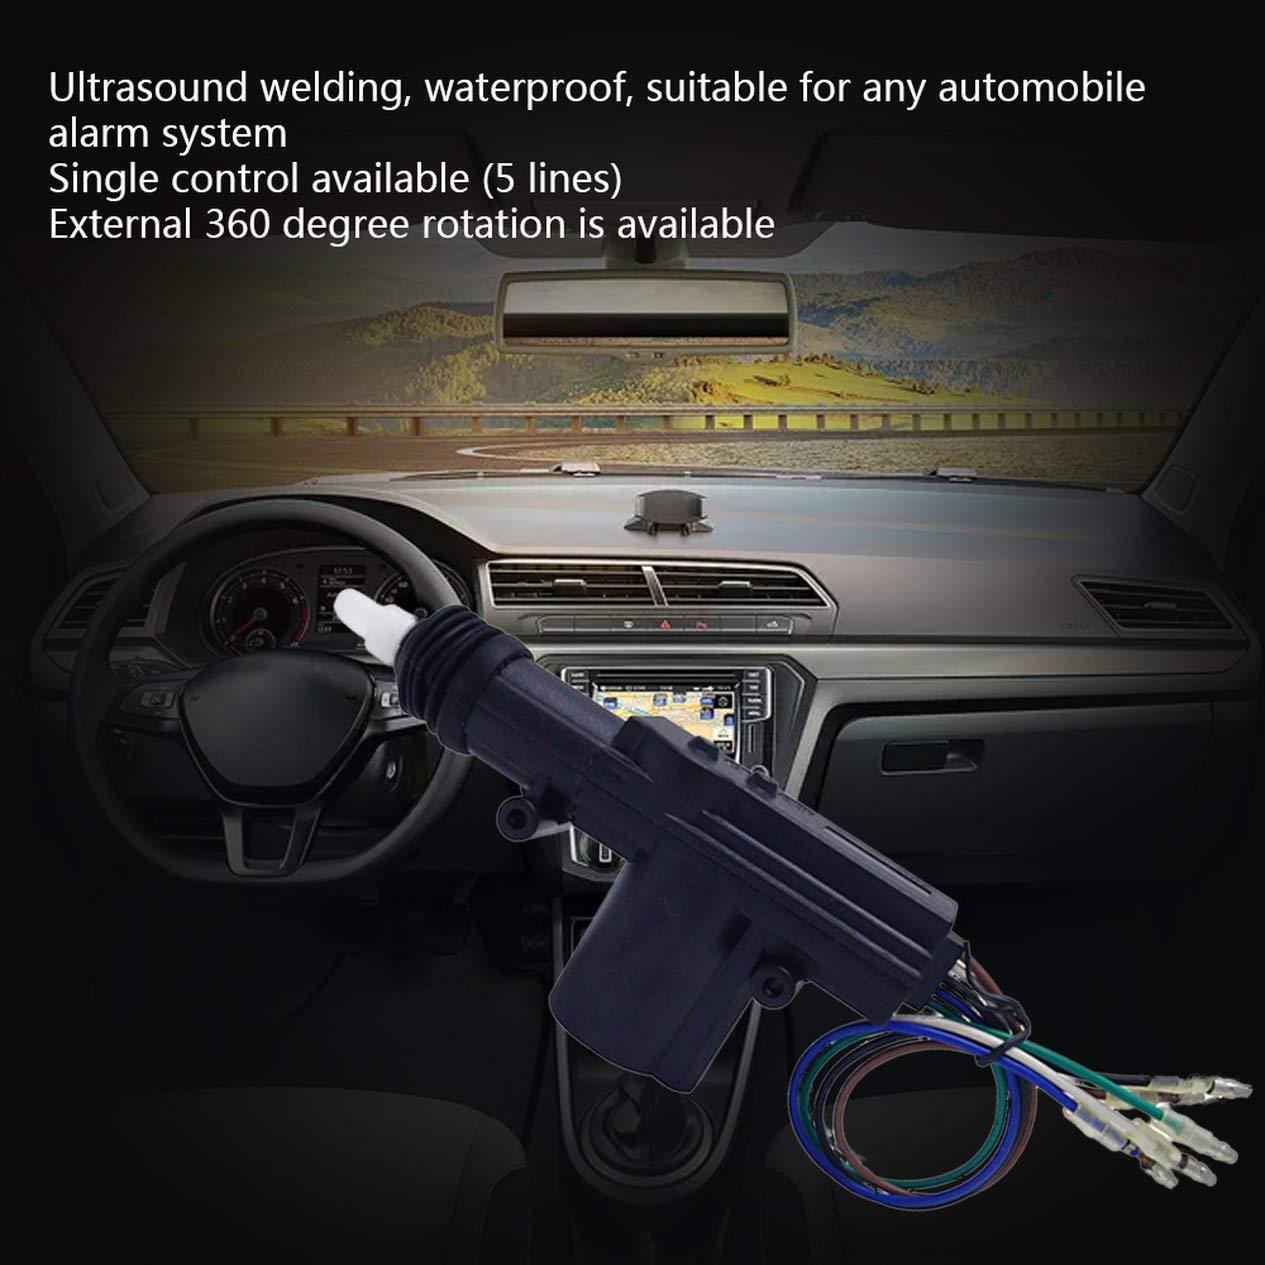 EdBerk74 Kit chiusura centralizzata alimentazione porta 12V con attuatore a 2 fili per accessori di sicurezza automatici per veicoli